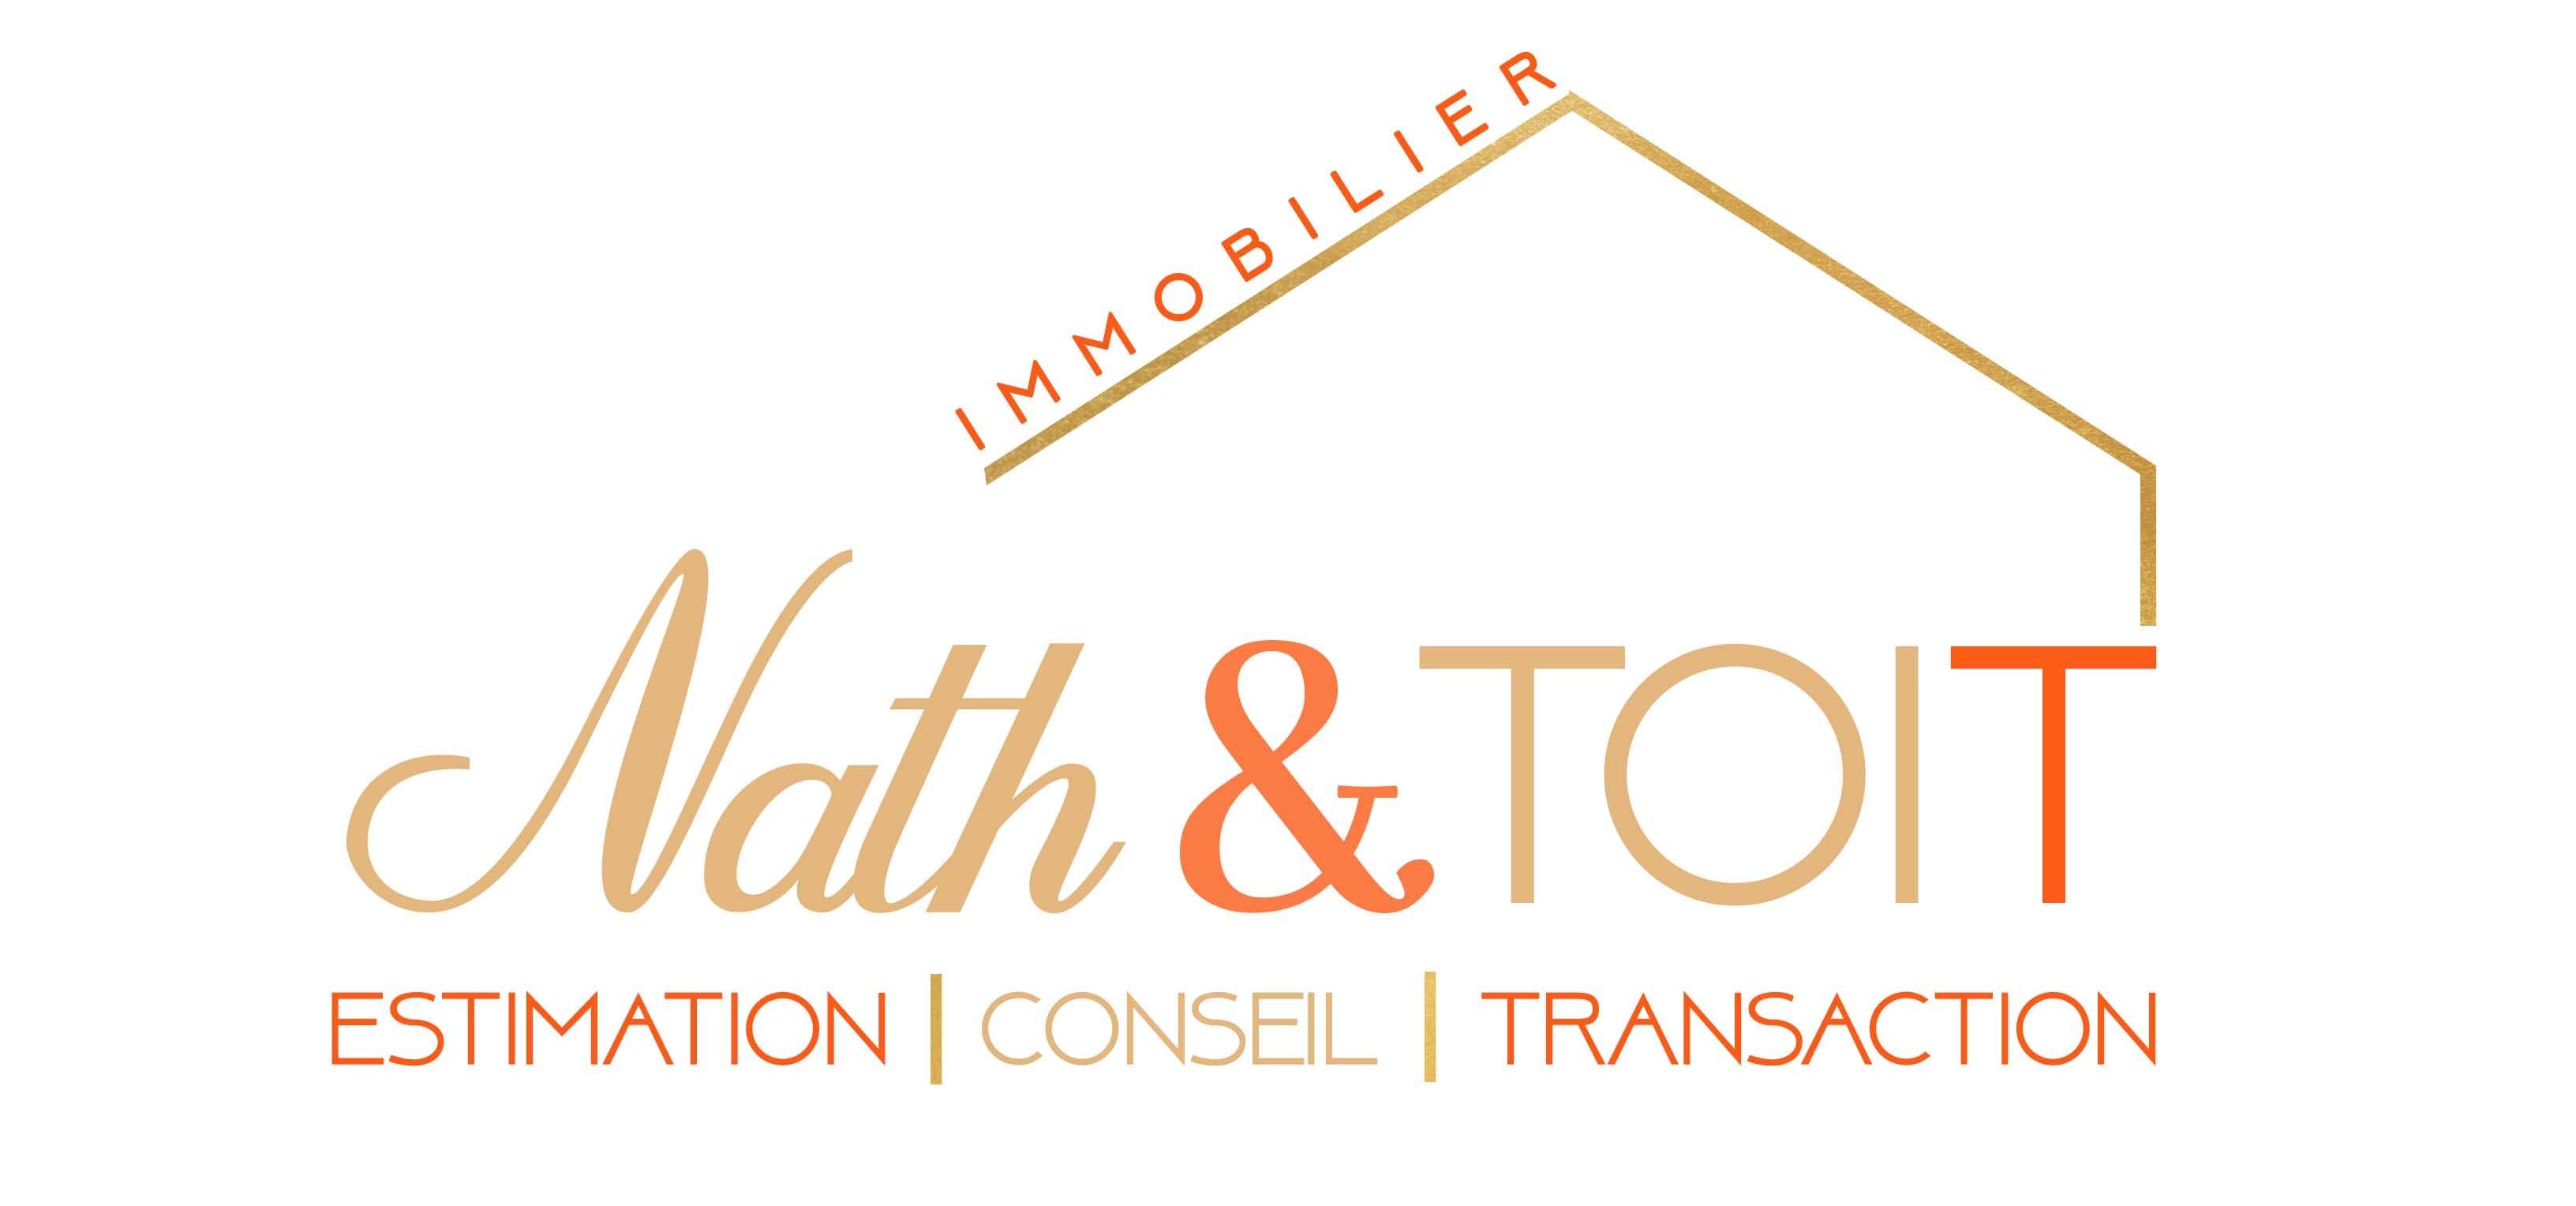 Nath & Toit